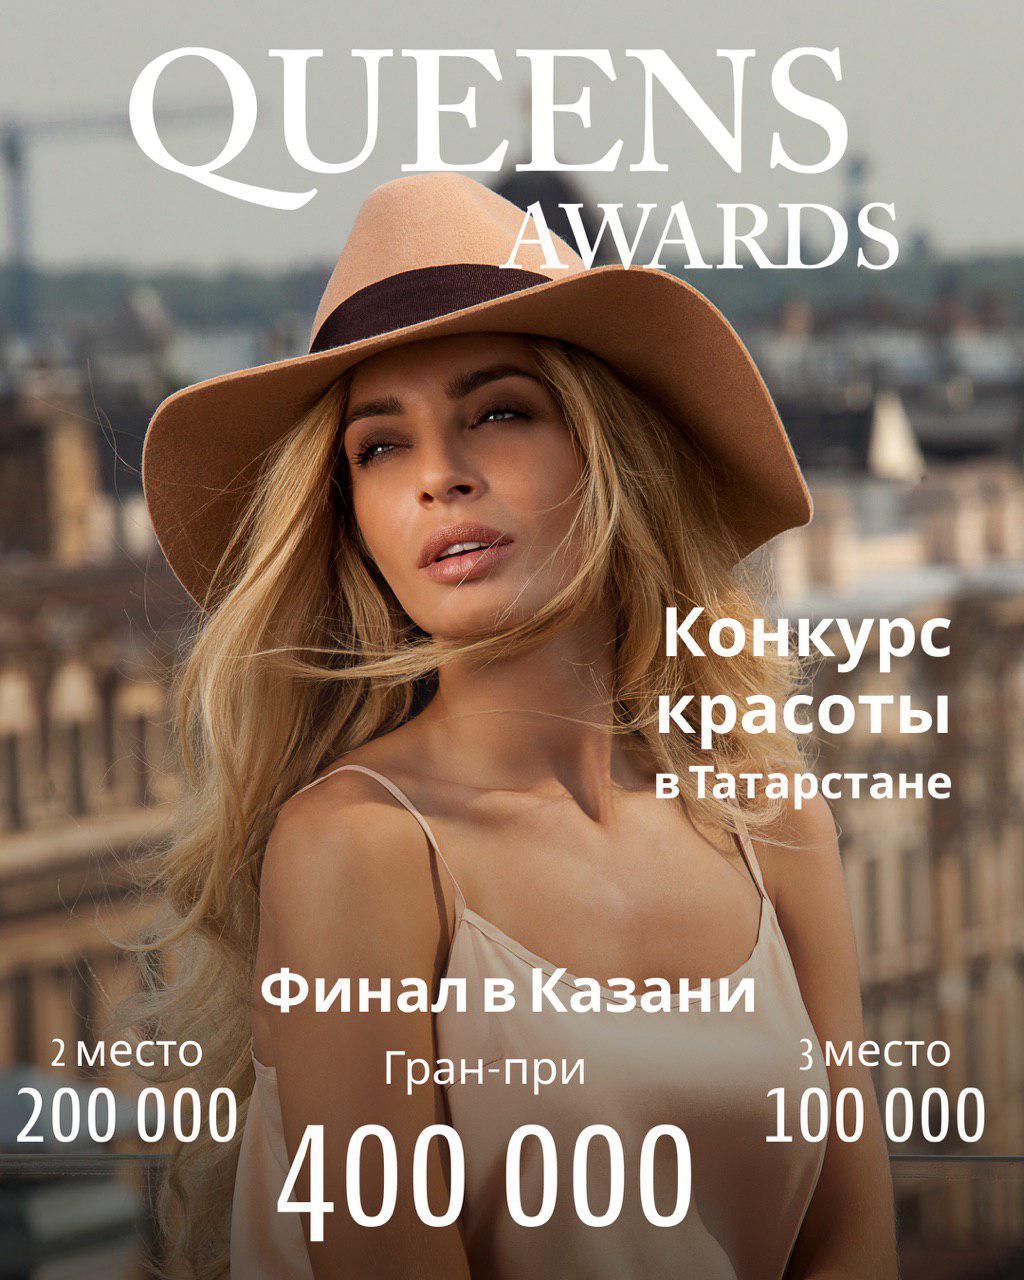 ДЕВУШКИ ДЛЯ КОНКУРСА КРАСОТЫ В КАЗАНИ!